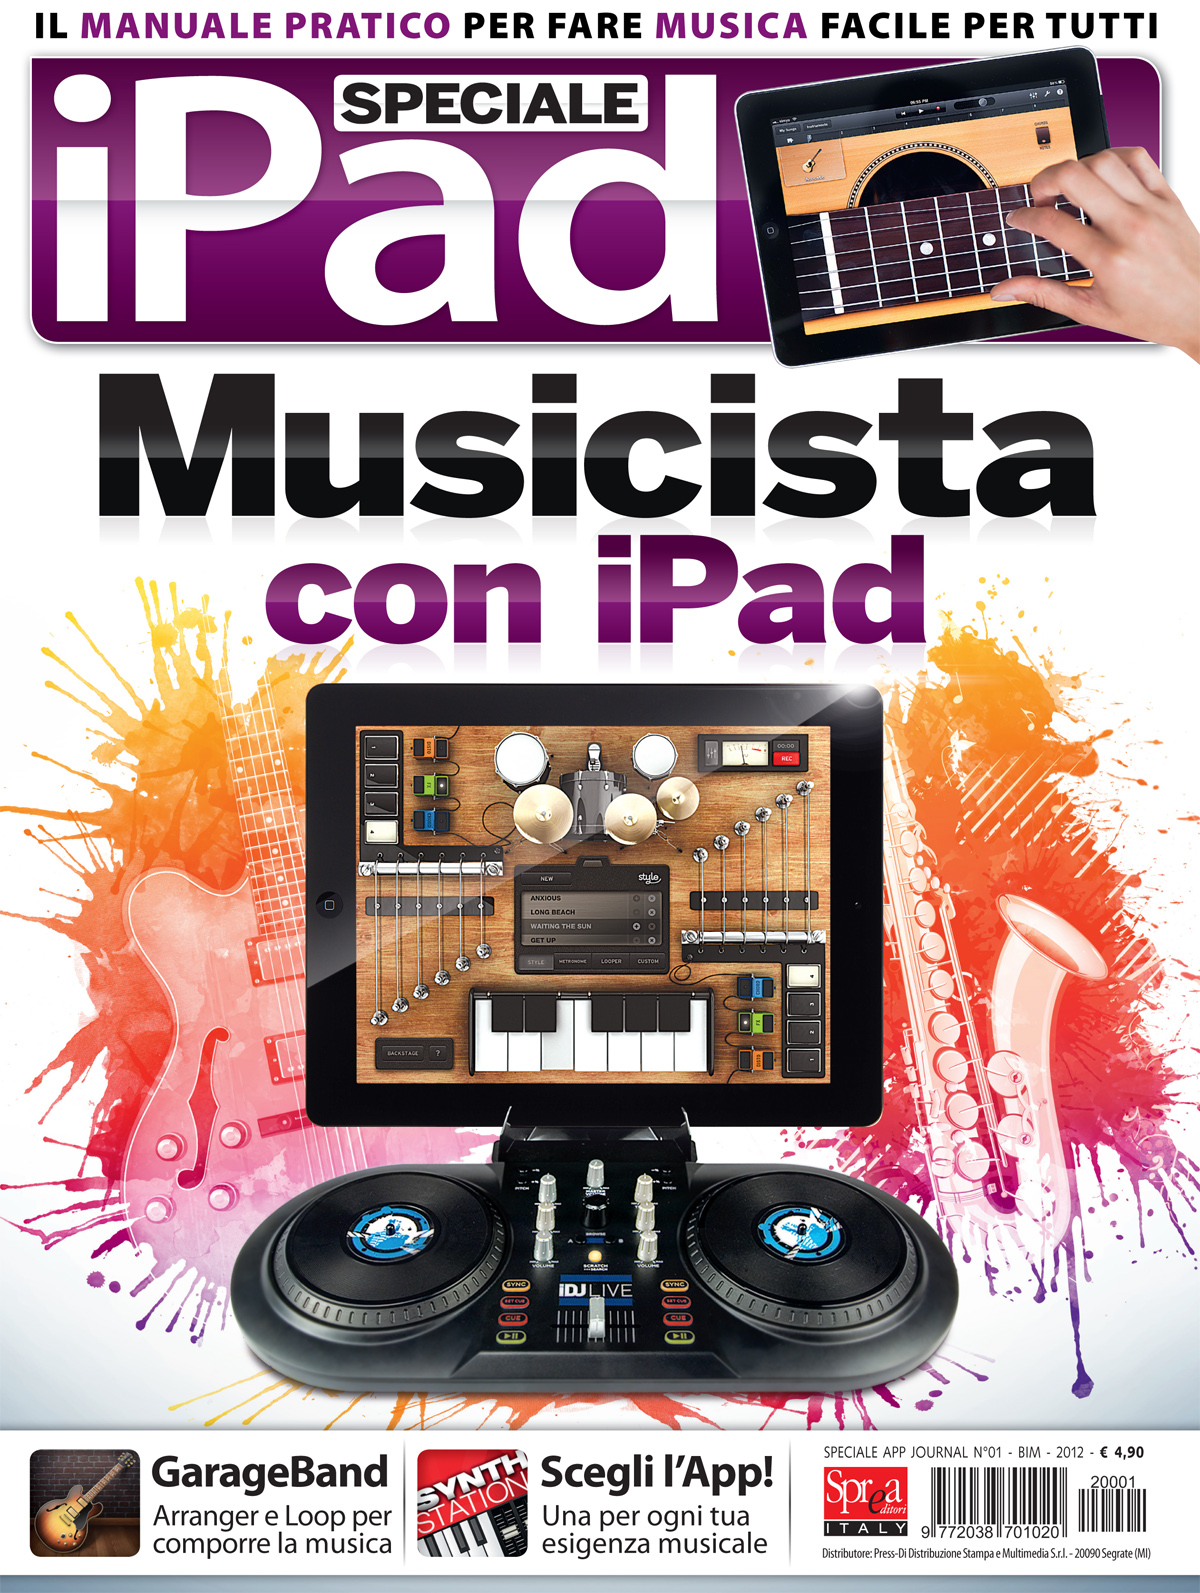 Musicista con iPad